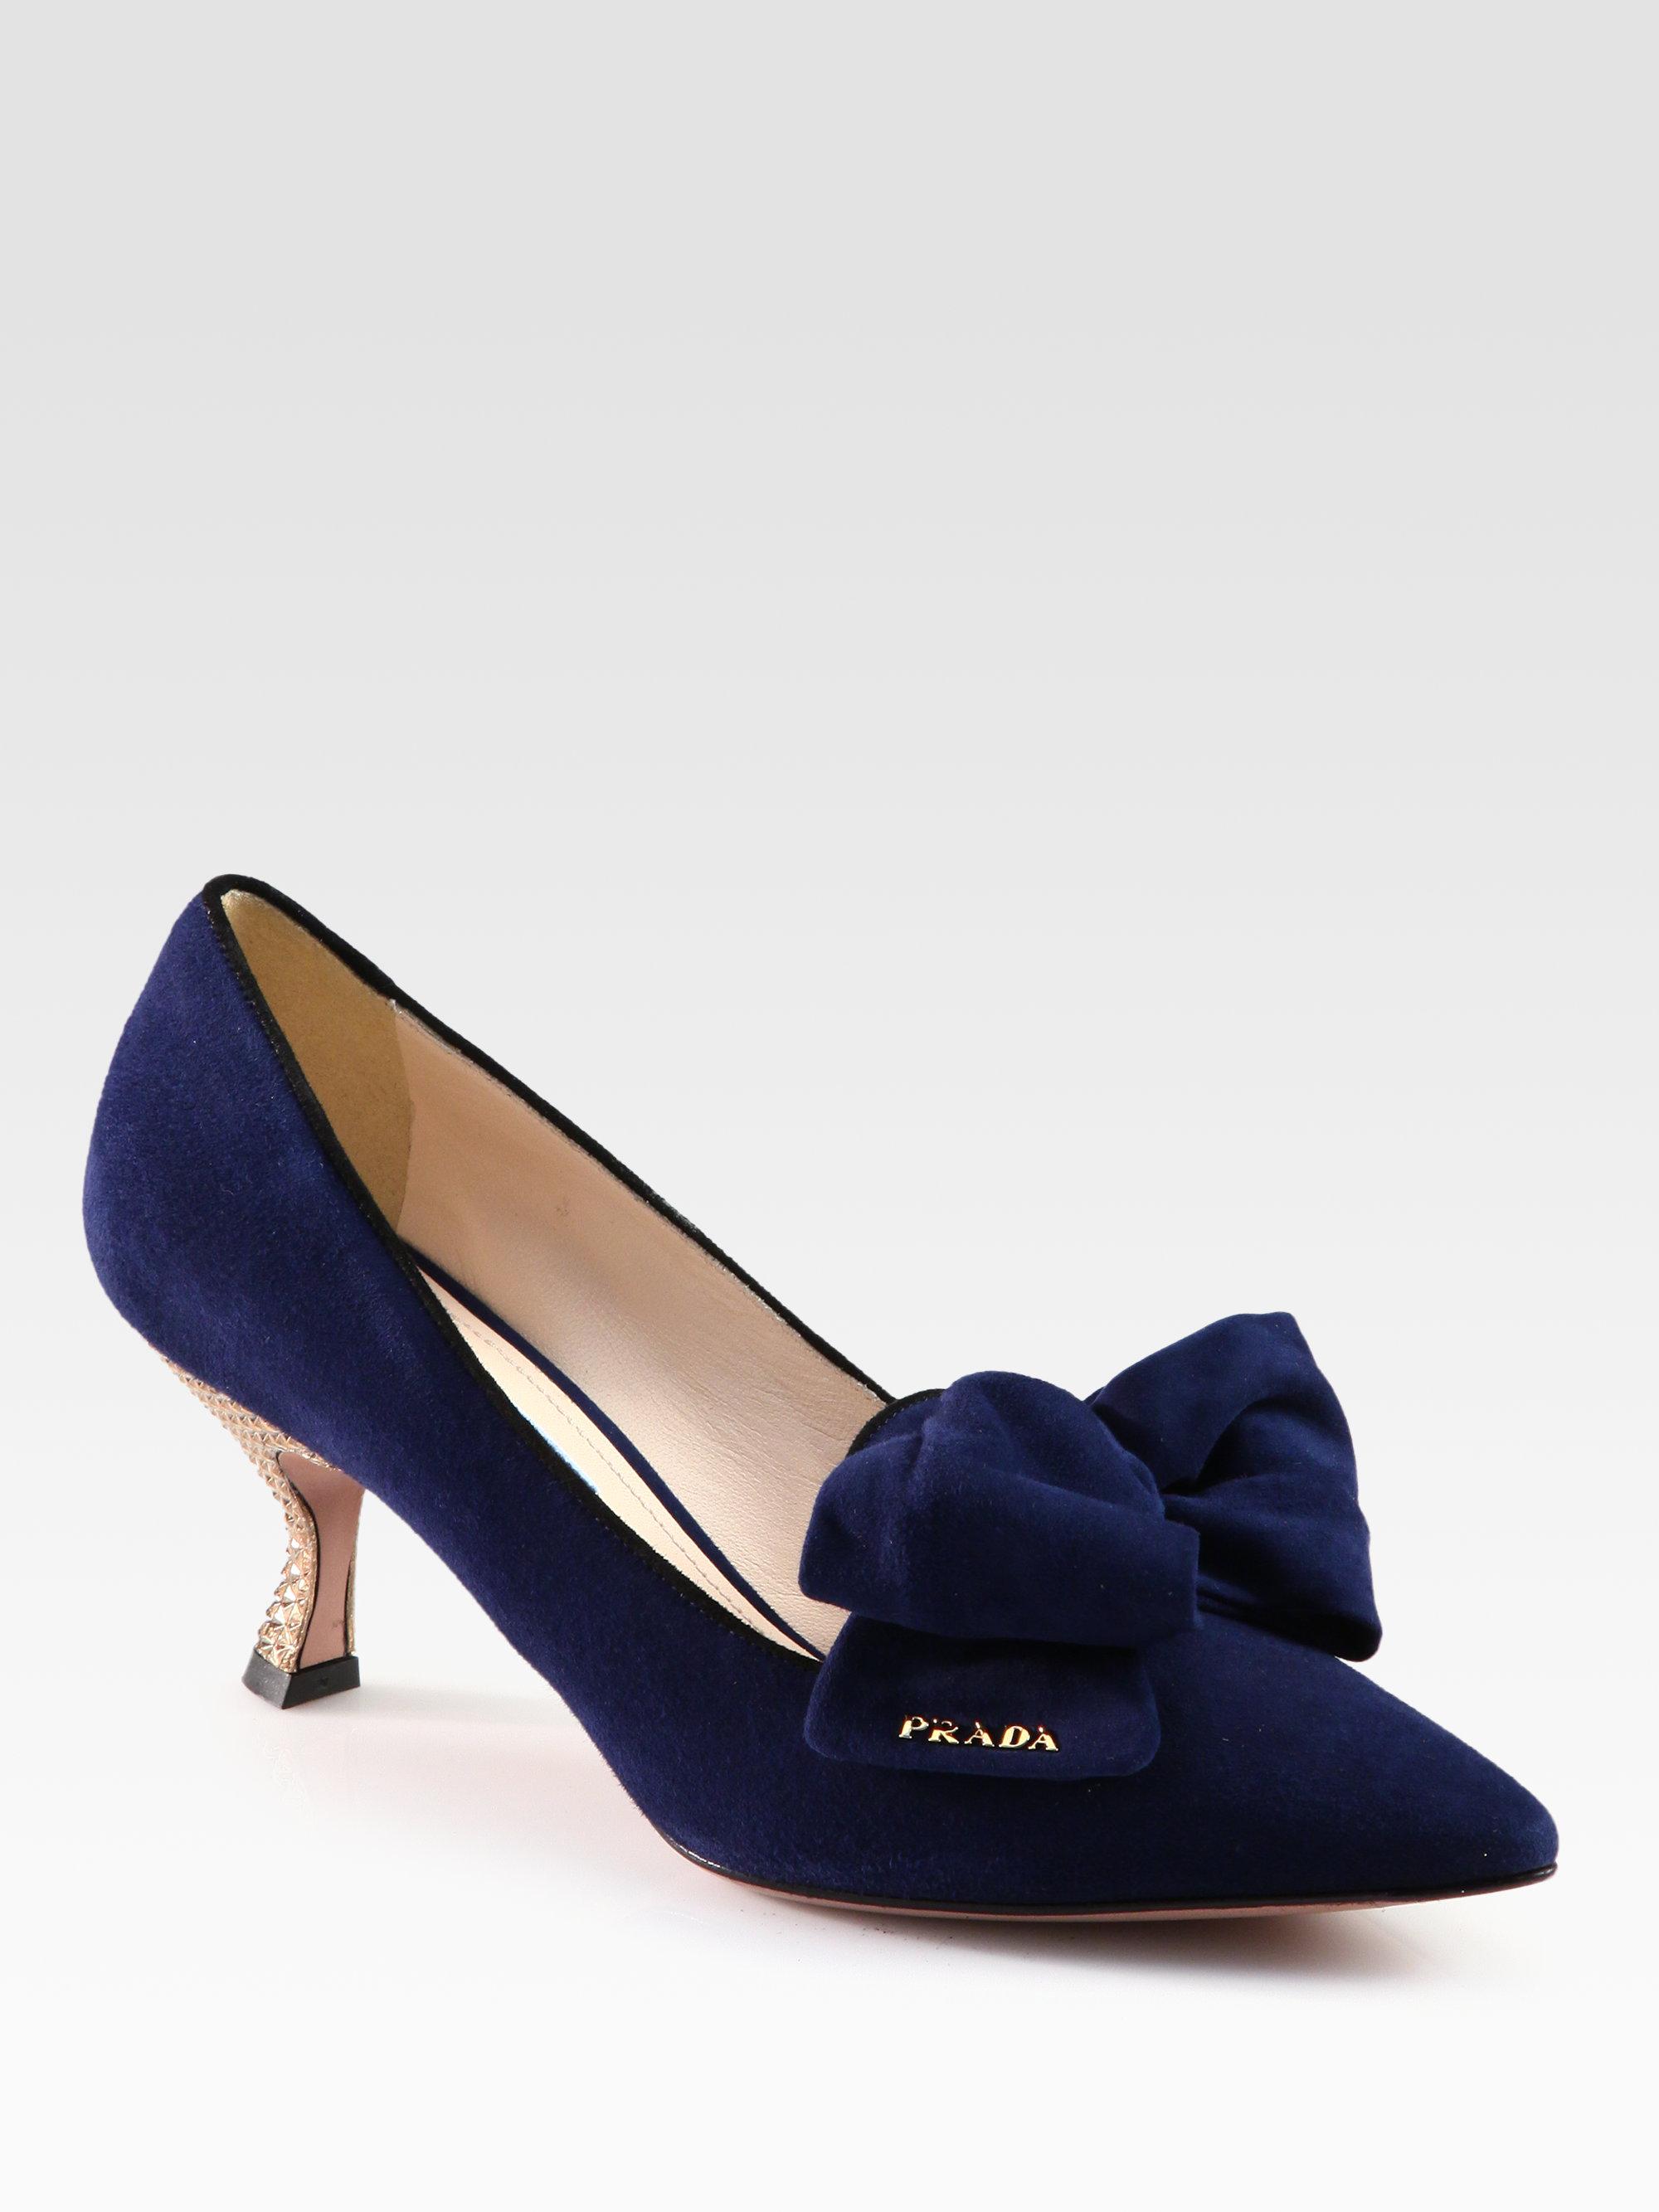 ea191972c6b Lyst - Prada Suede Bow Pumps in Blue